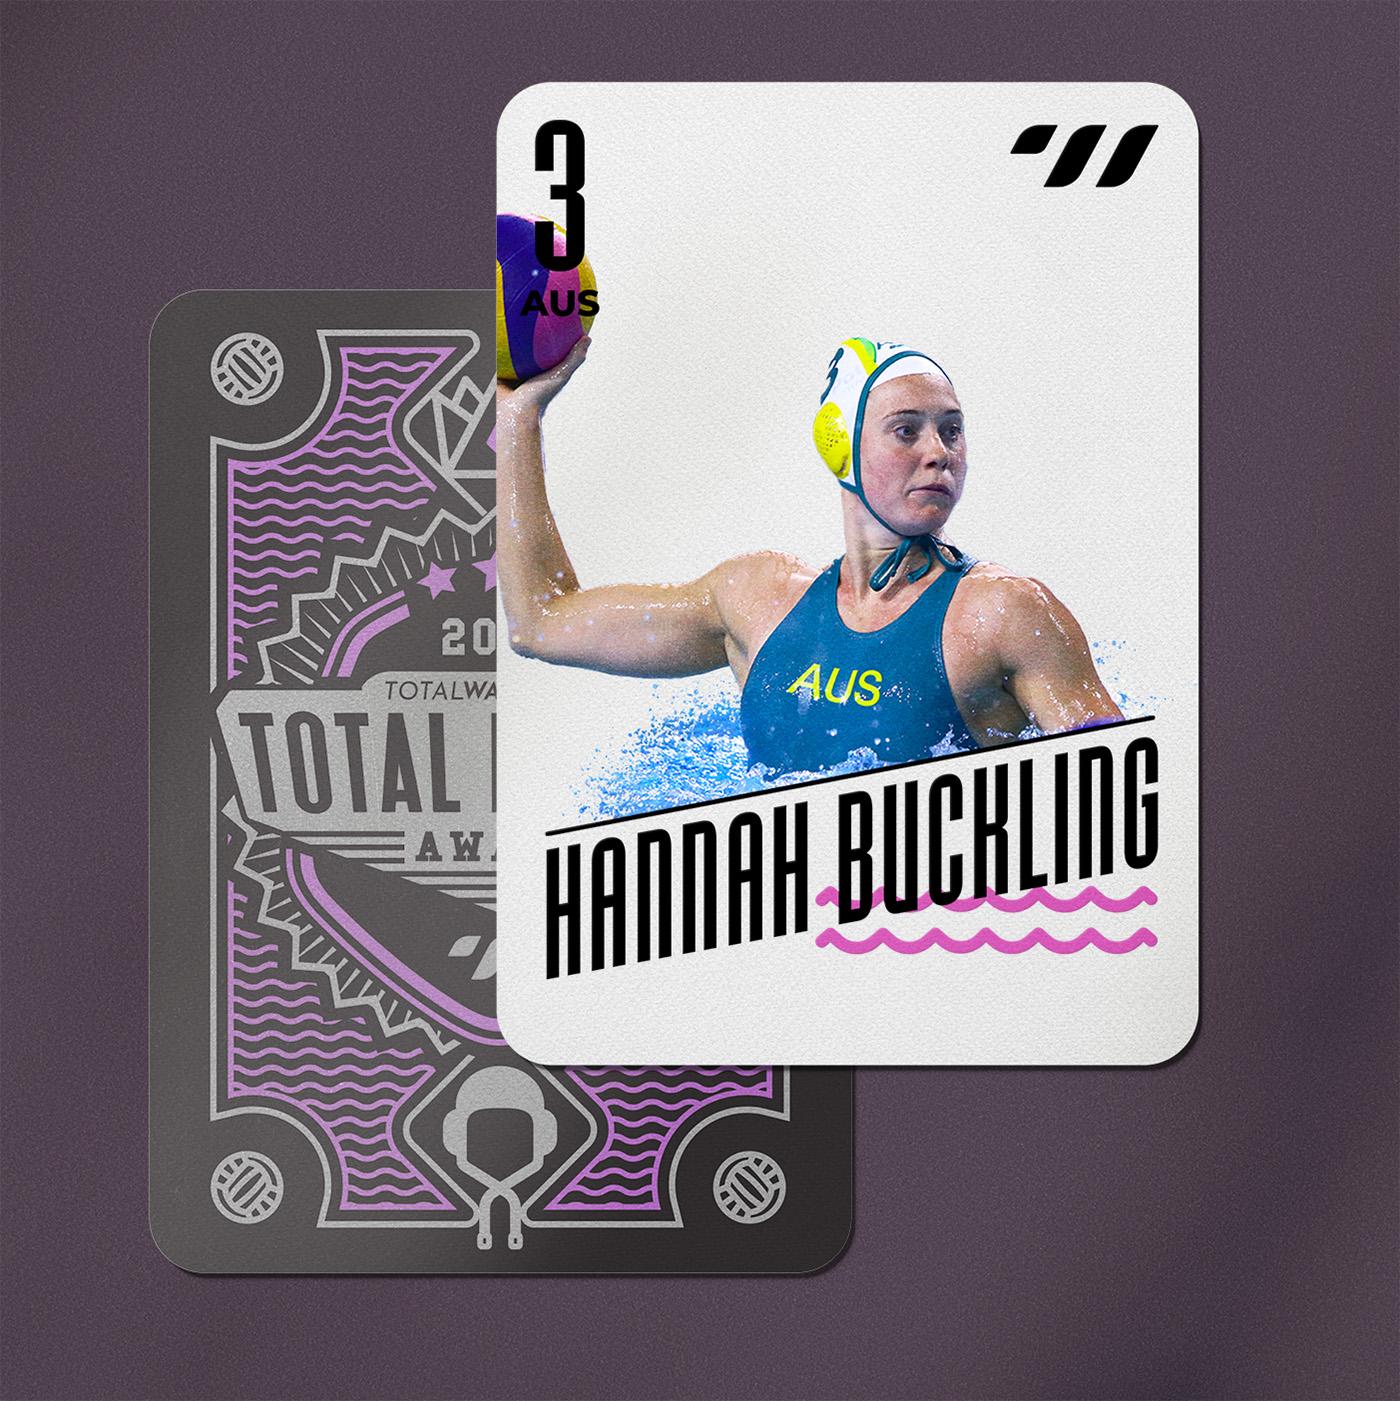 CENTER BACK - Hannah Buckling (AUS)